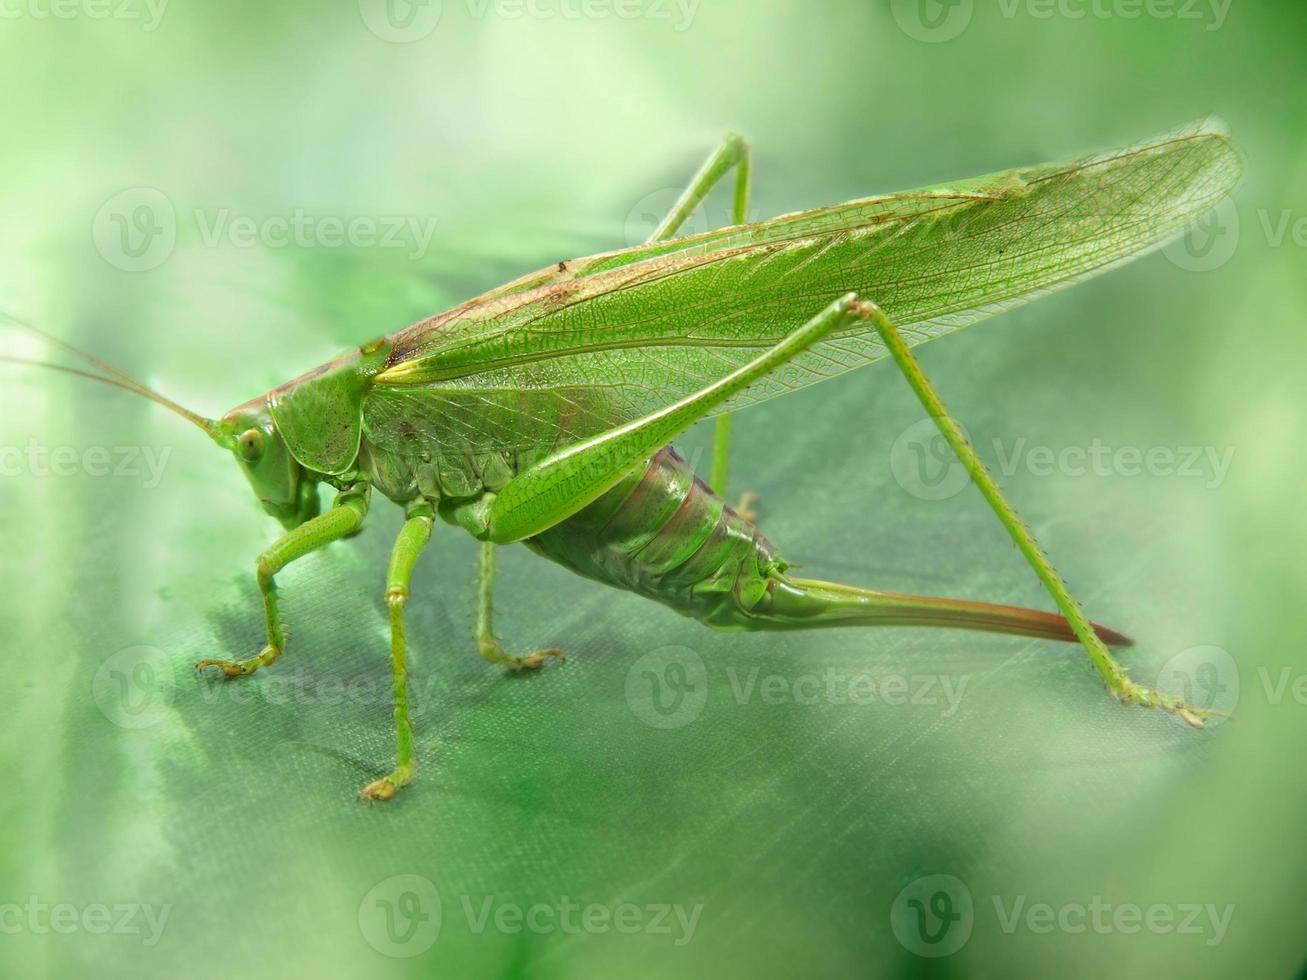 große grüne Heuschrecke Nahaufnahme genommen. foto